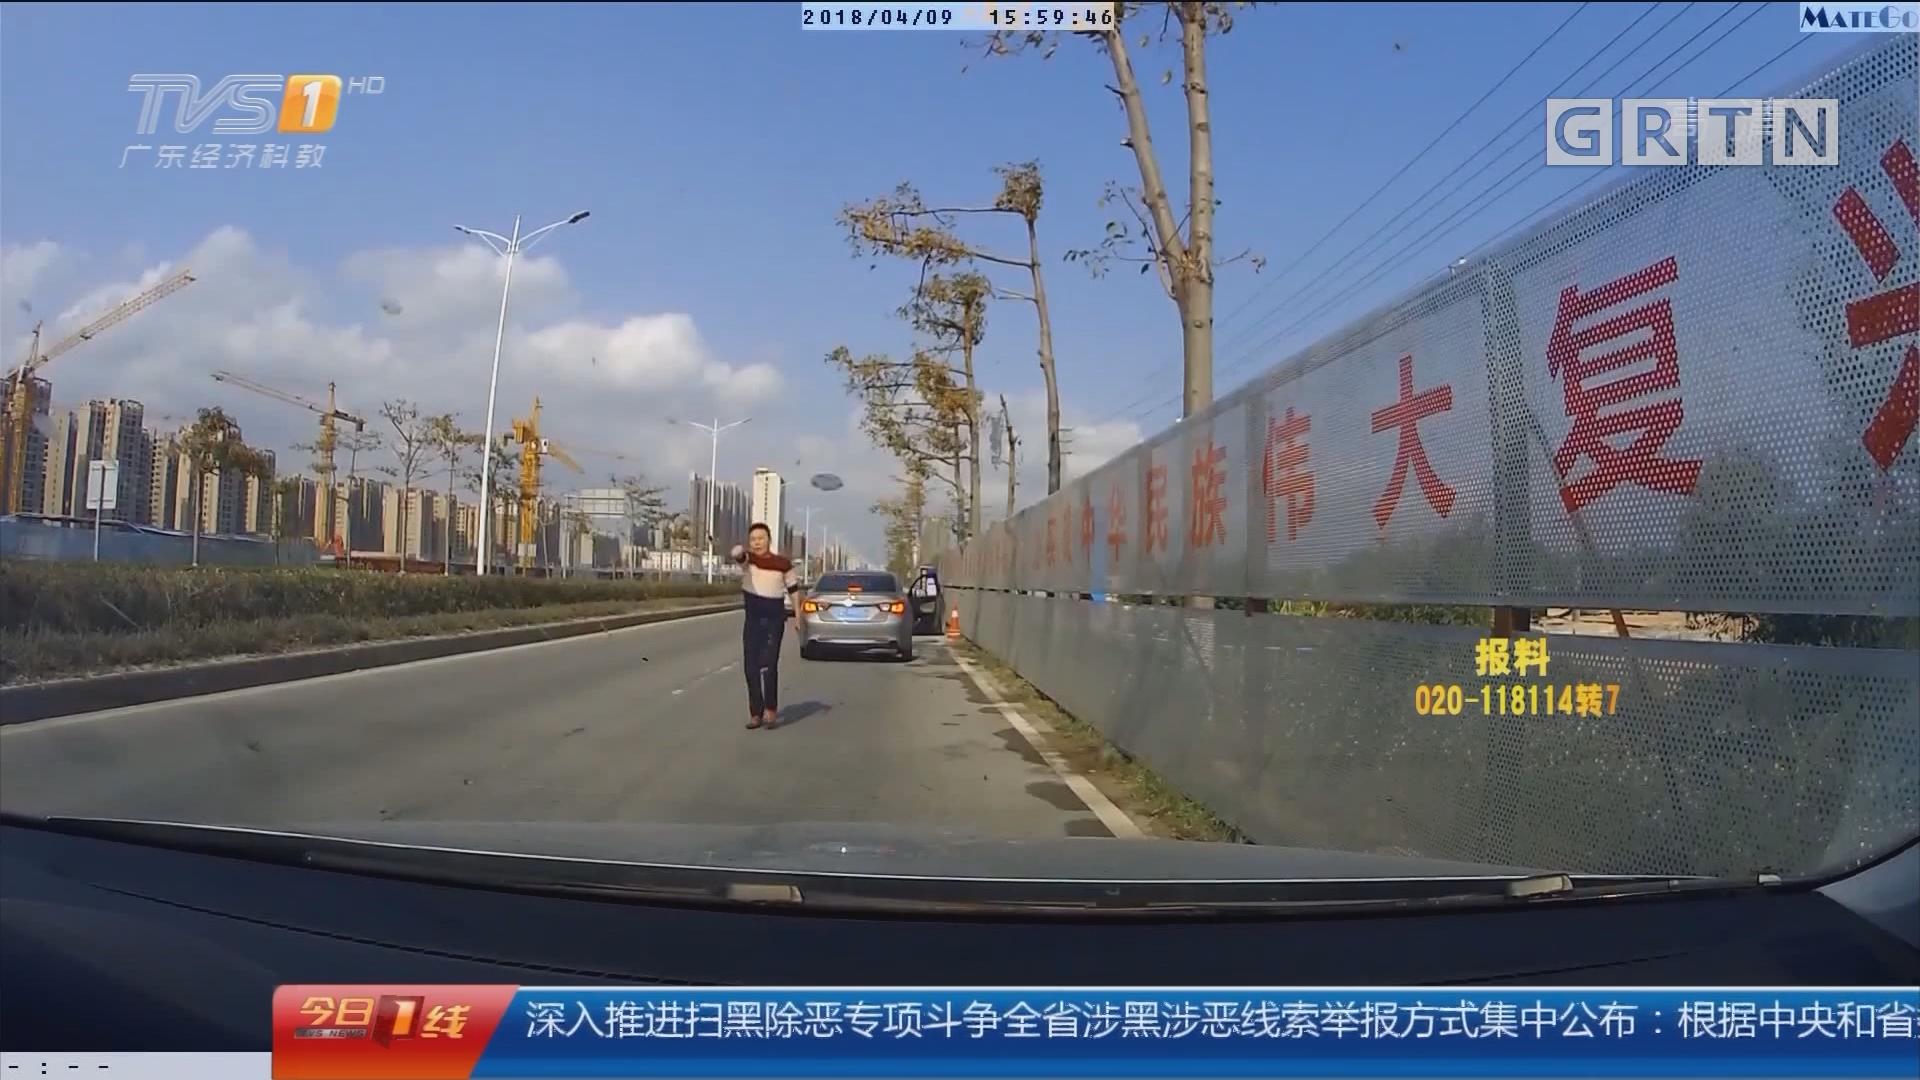 """珠海:变道超车 不料发生""""车祸"""""""